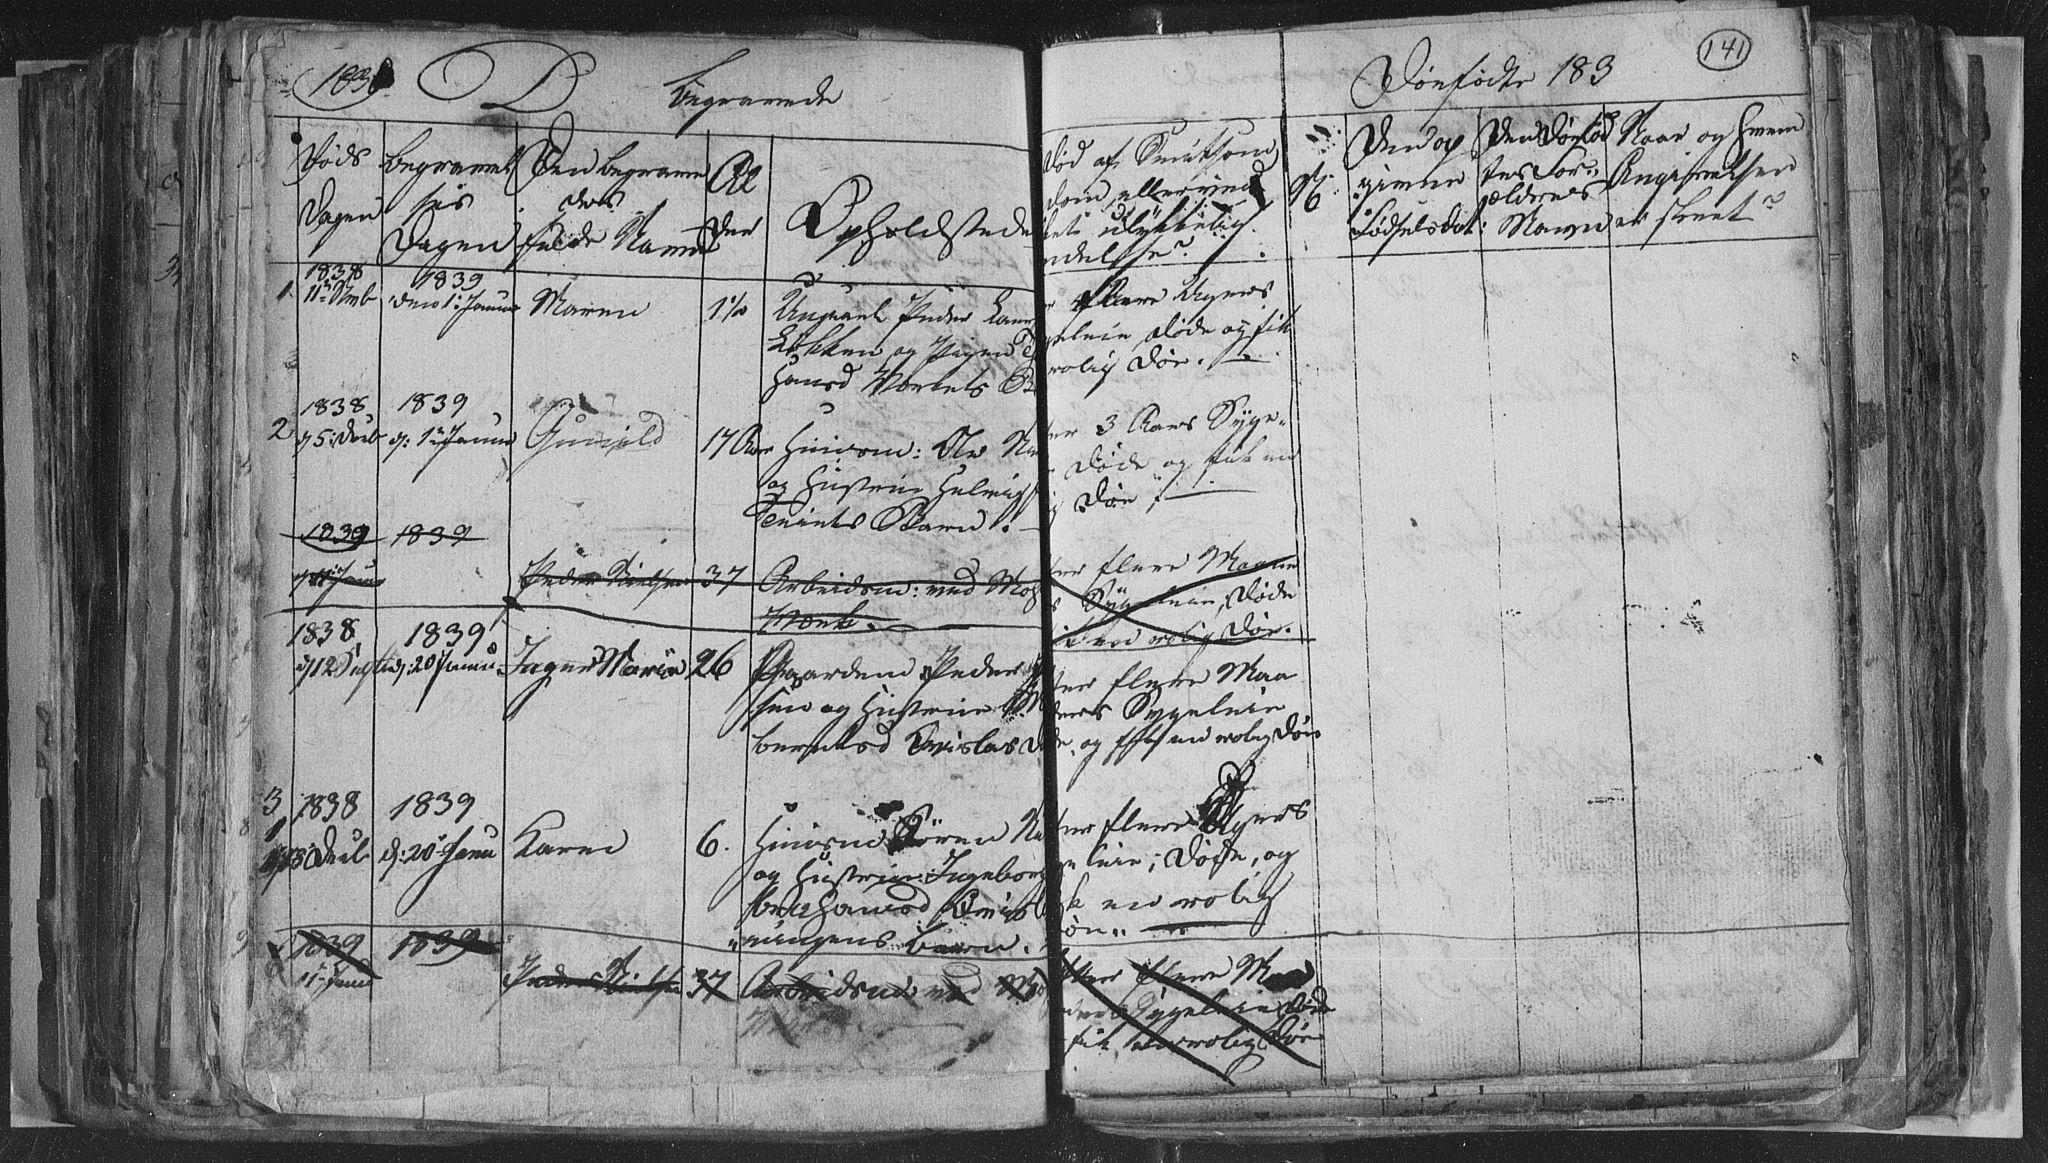 SAKO, Siljan kirkebøker, G/Ga/L0001: Klokkerbok nr. 1, 1827-1847, s. 141